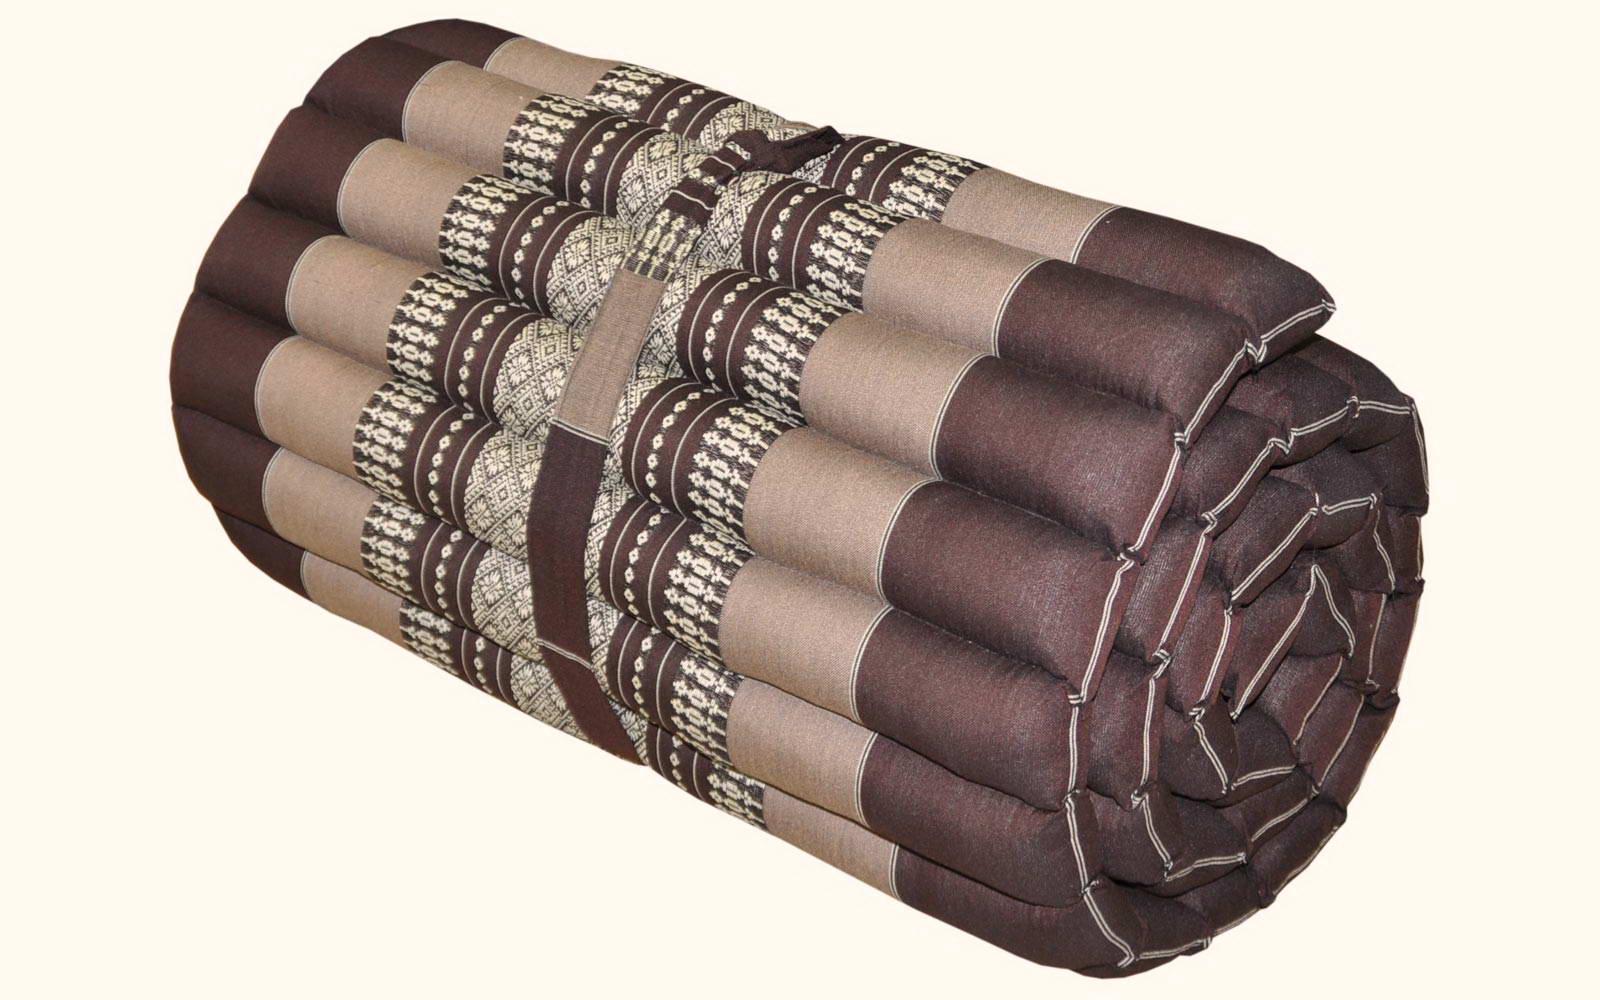 Coussins thailandais oreiller matelas tapis kapok for Tapis de yoga avec canape sun